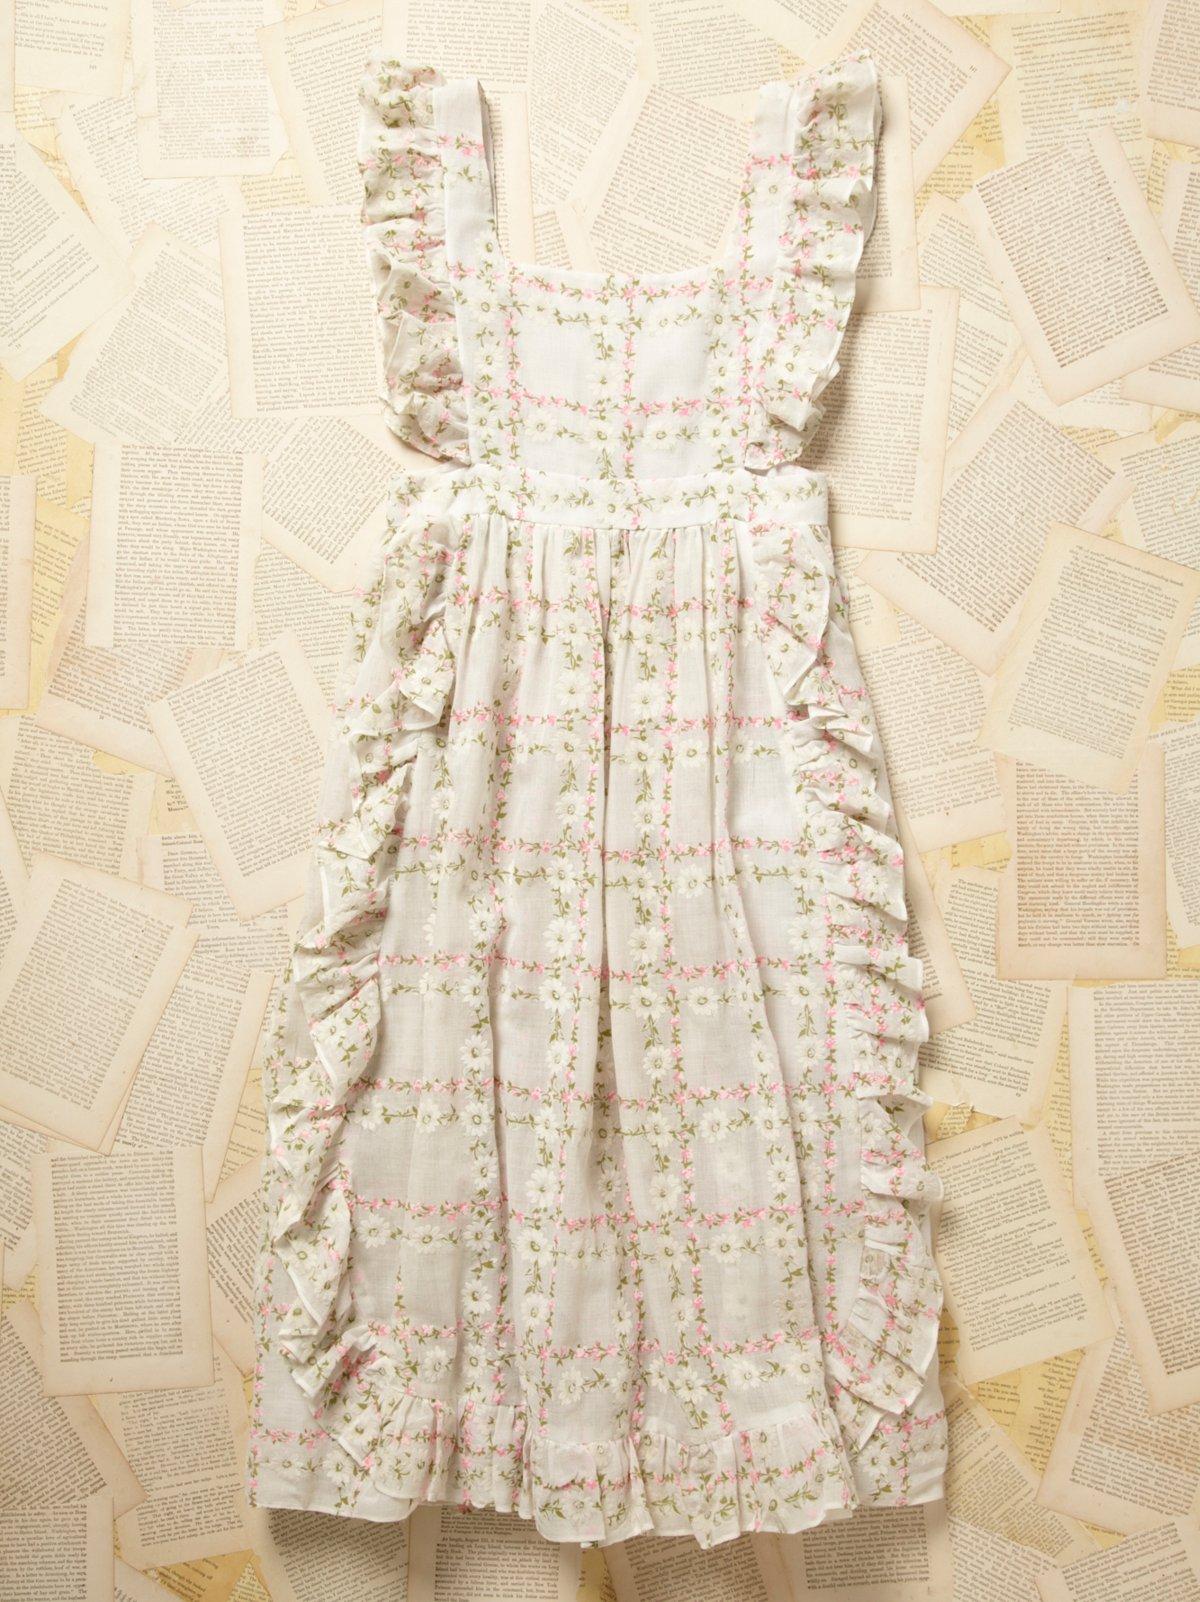 Vintage 1930s Floral Apron Dress